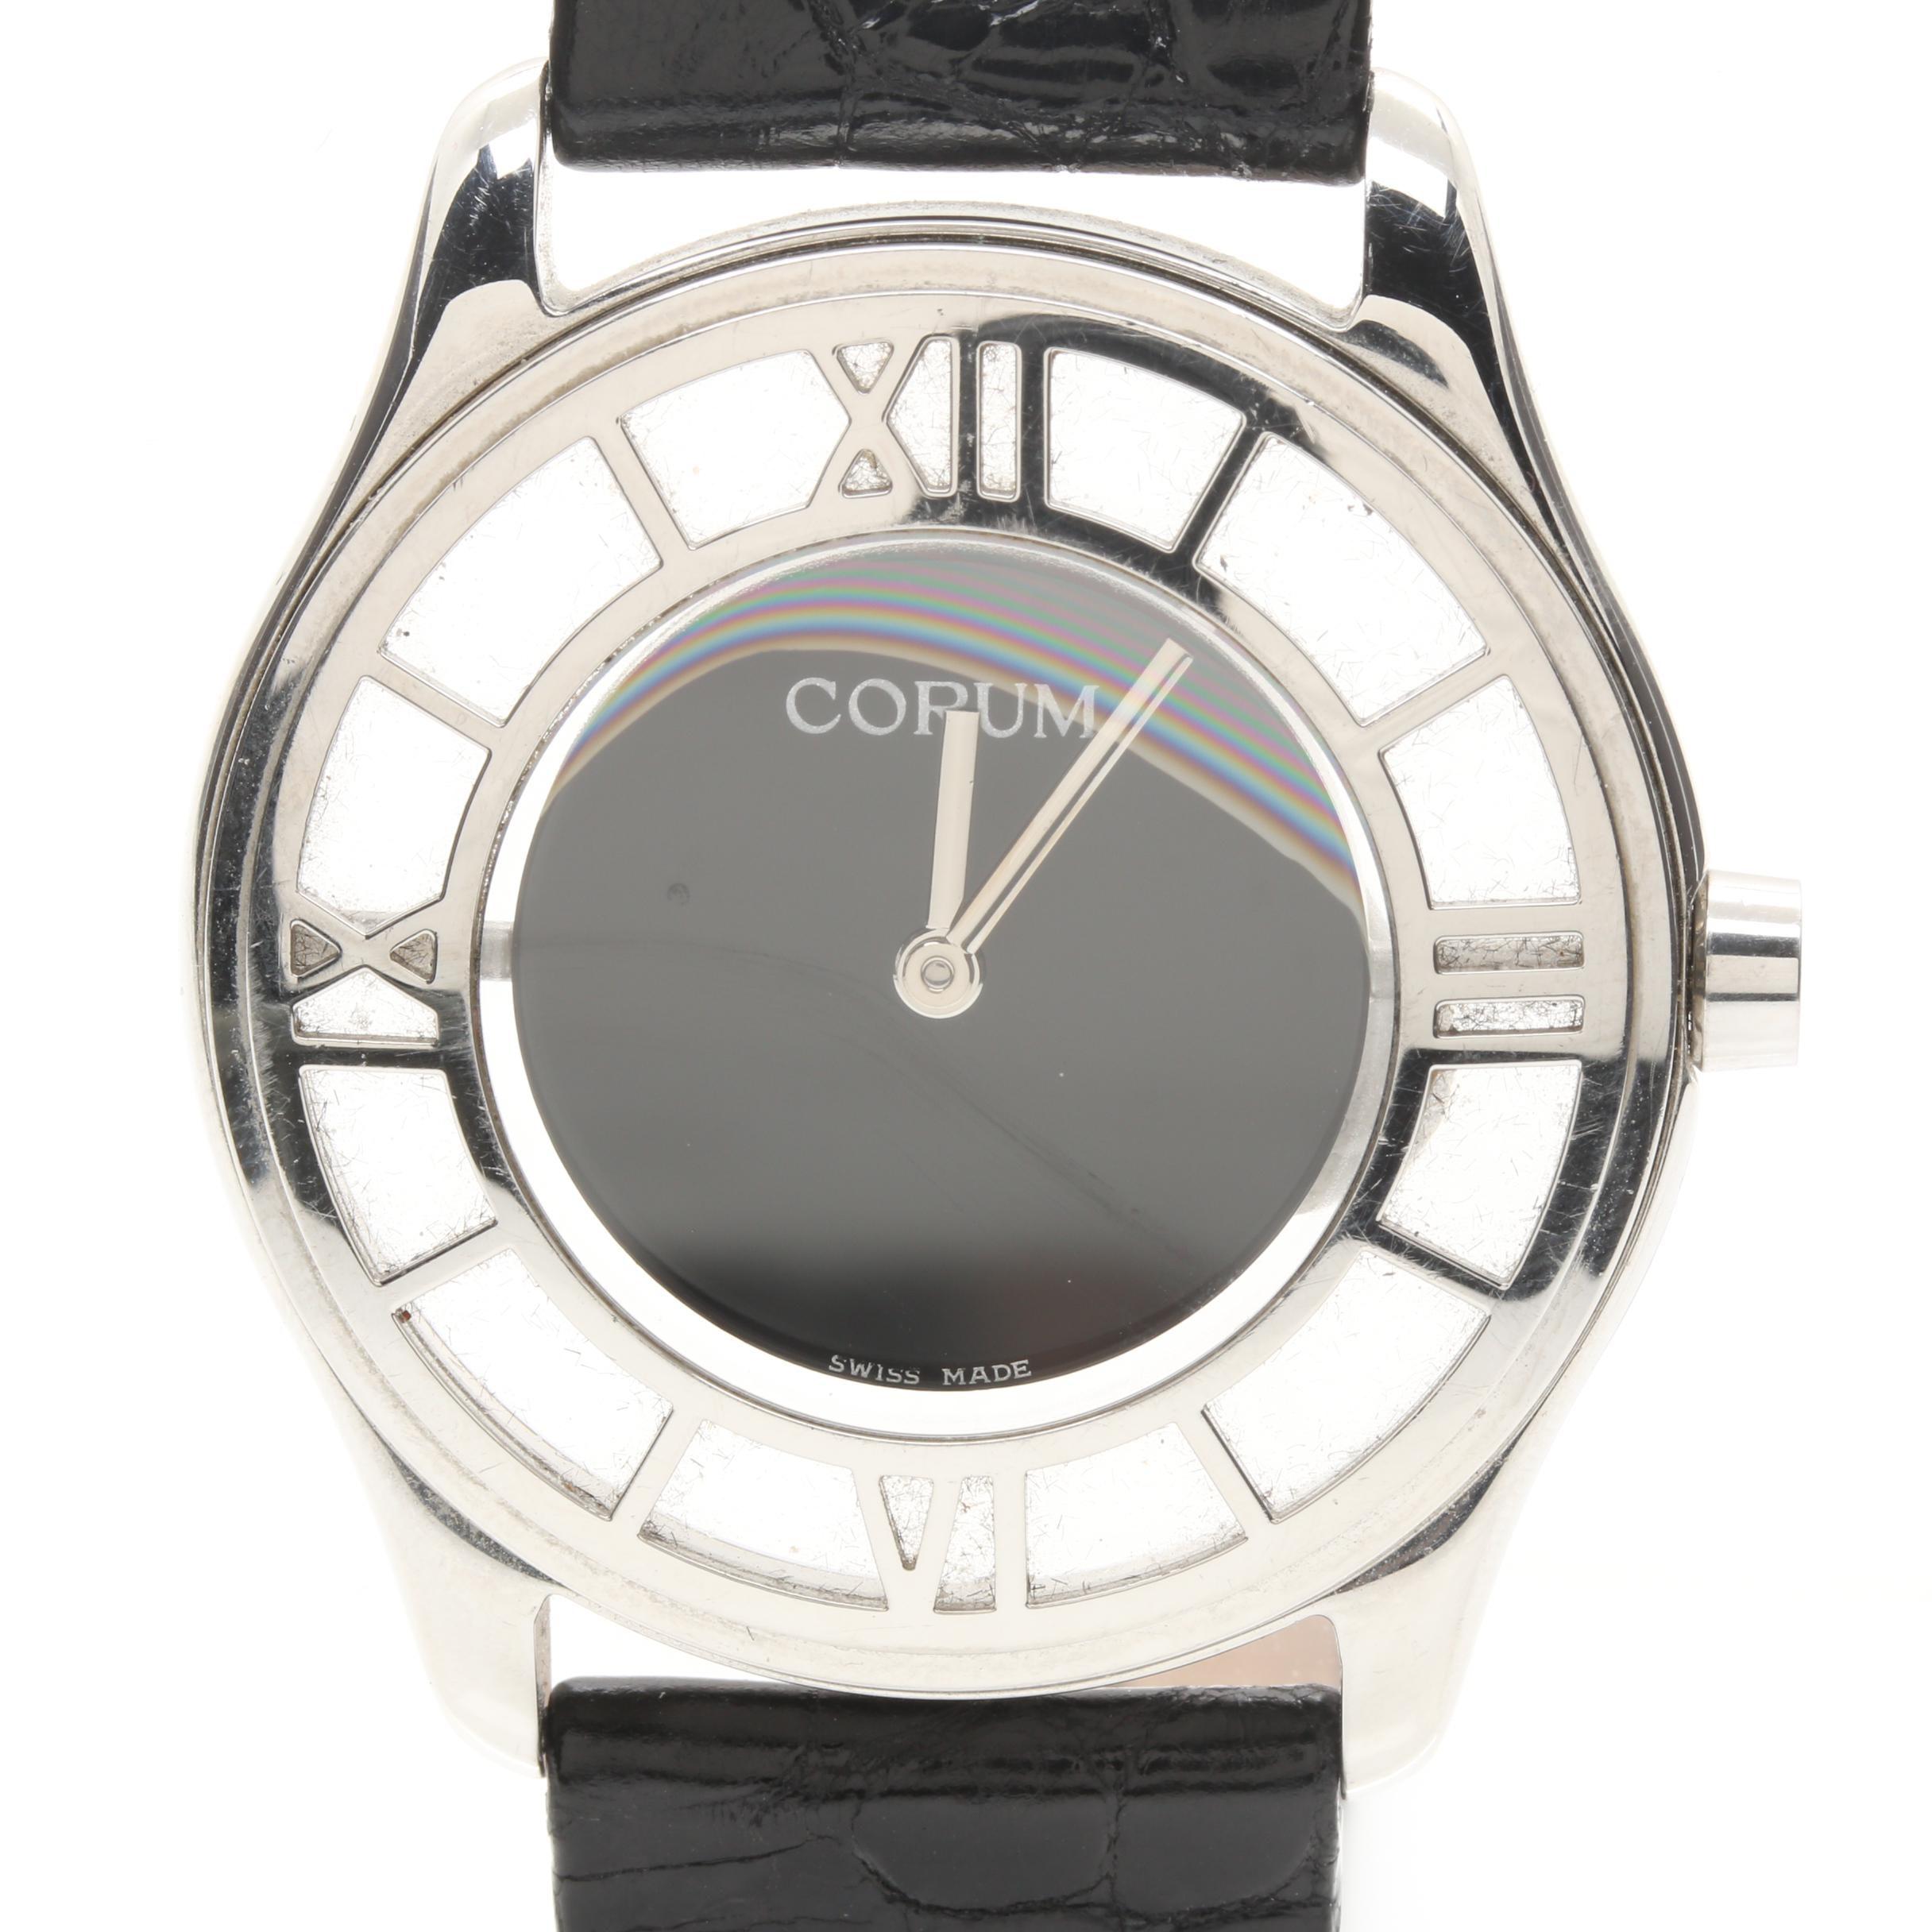 Silver Tone Corum Wristwatch